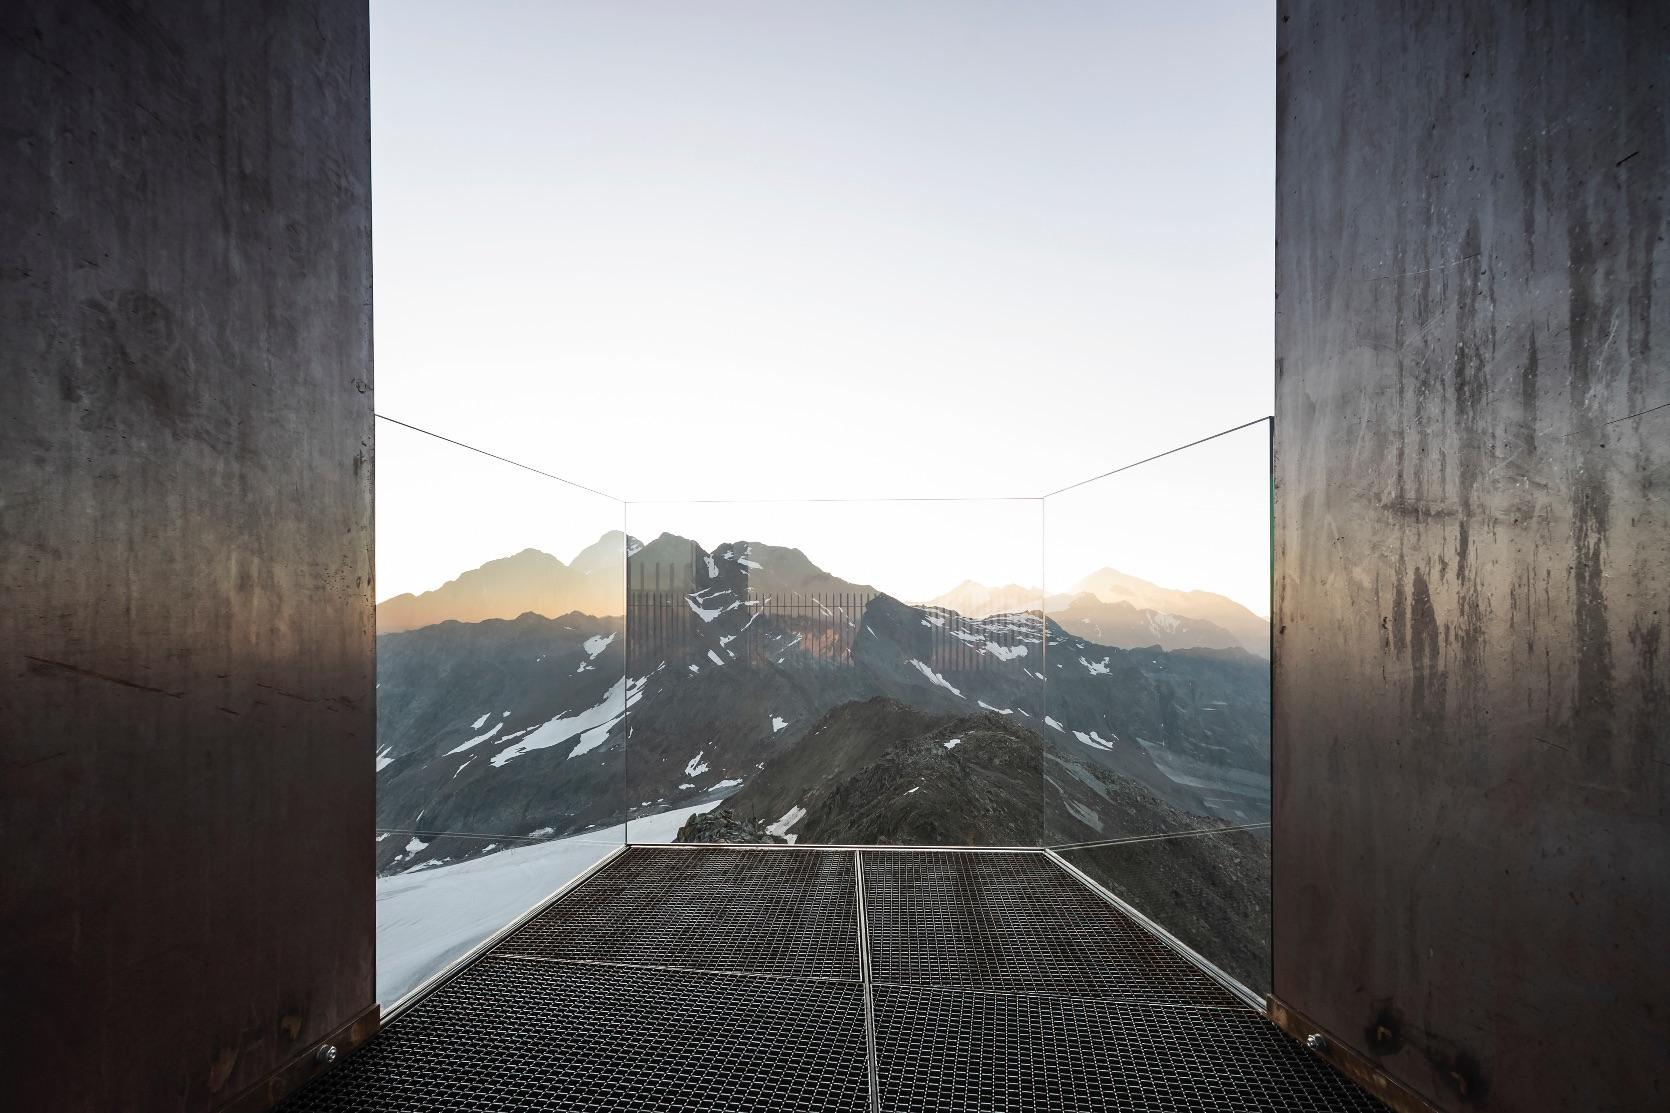 5_noa*_Ötzi Peak_Inspirationist